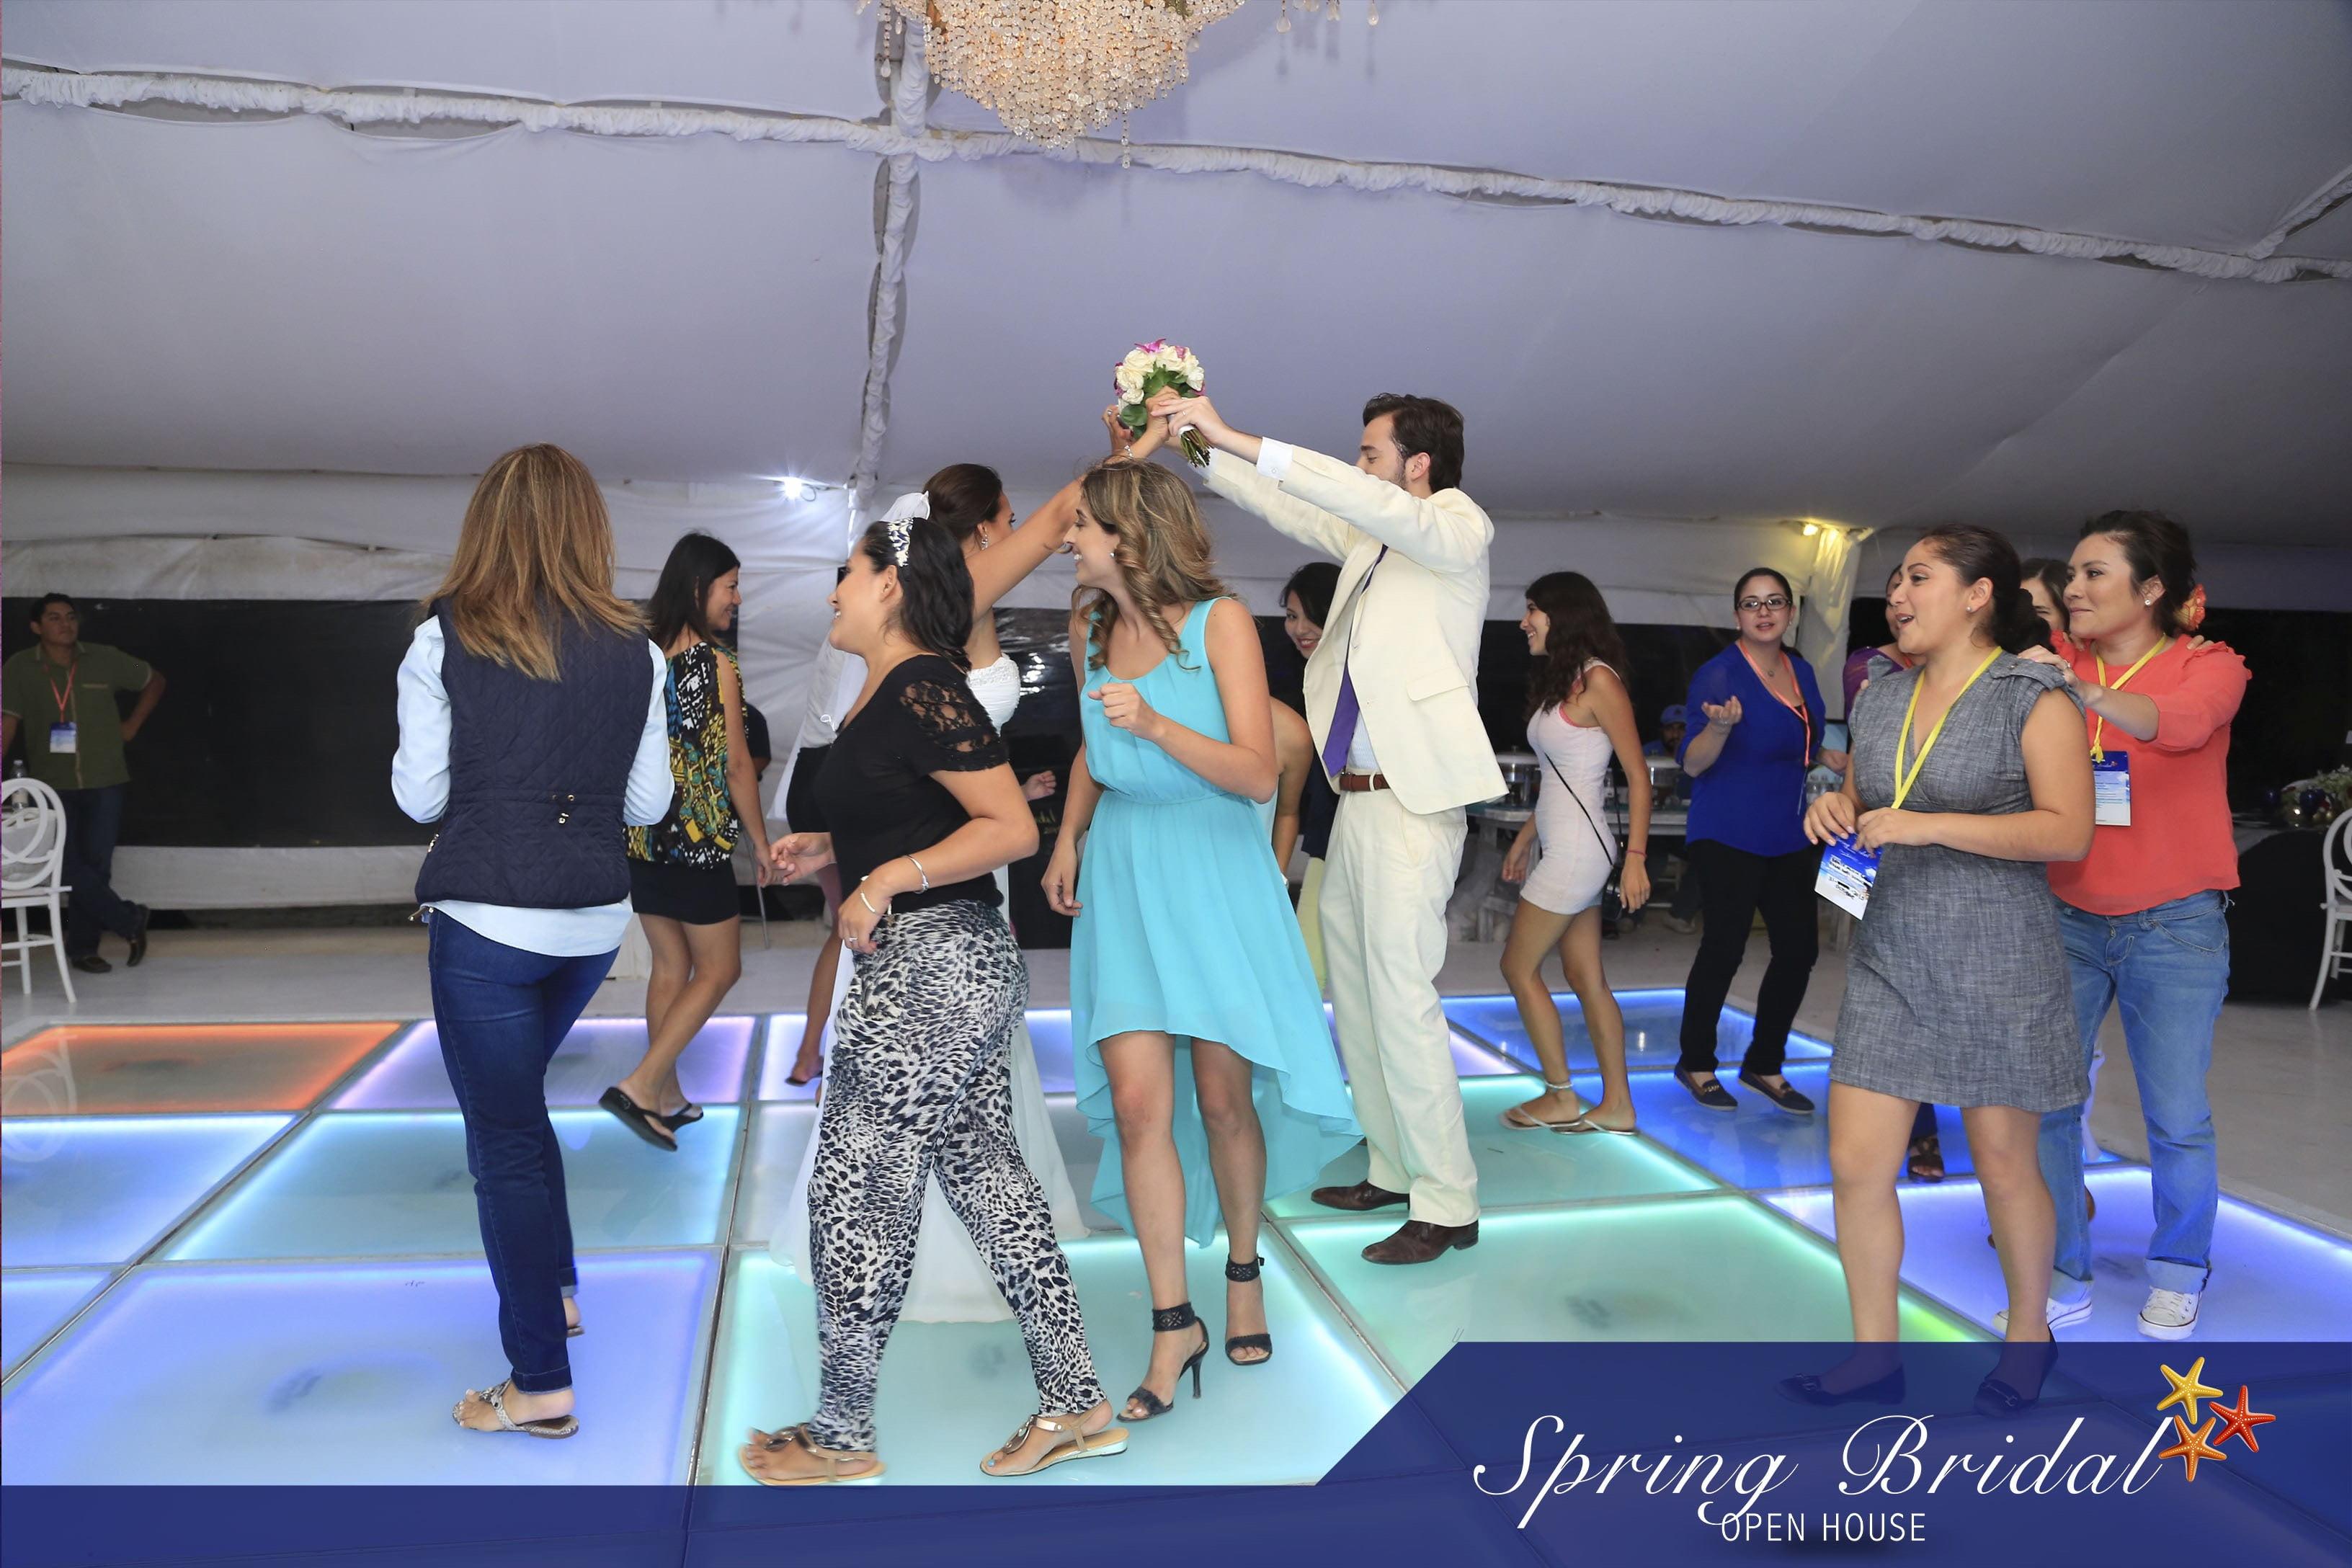 Celebrando Spring-Bridal-2015